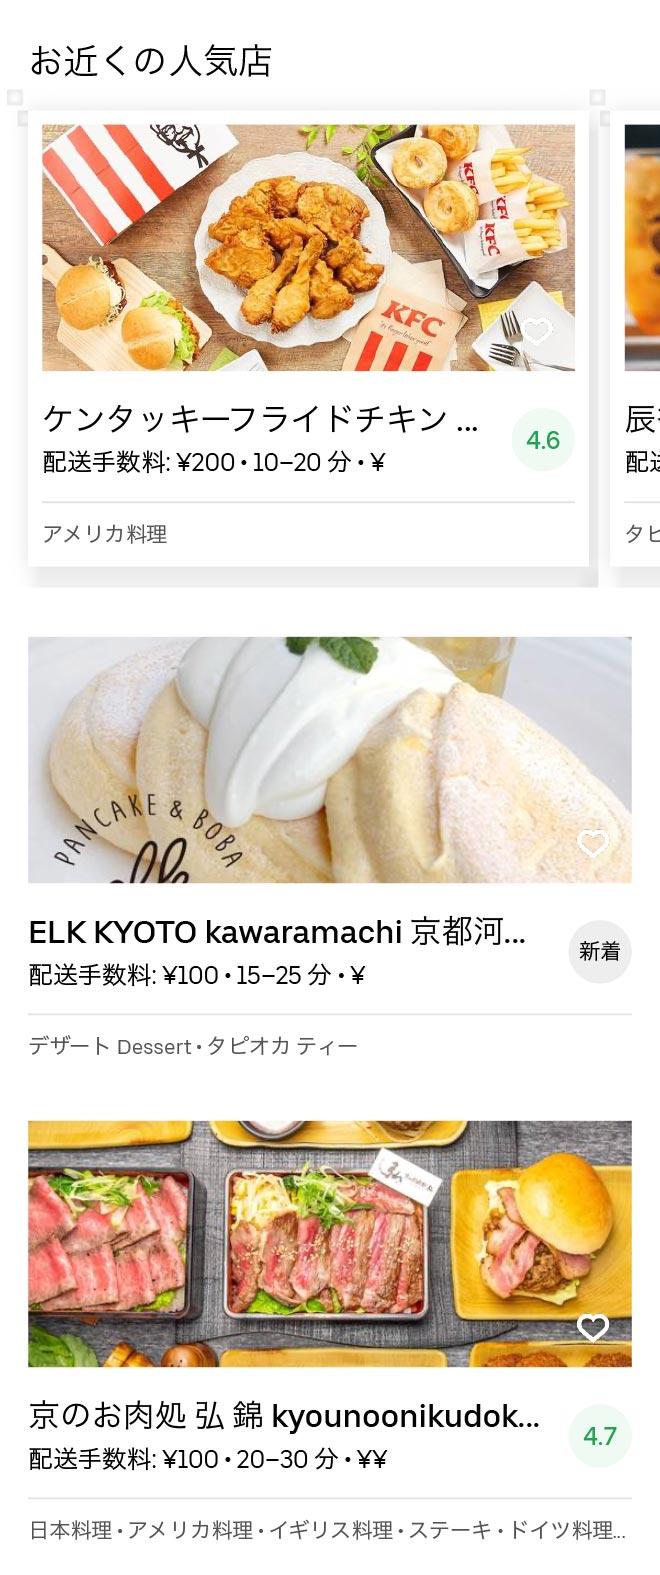 Kyoto karasuma menu 2005 03